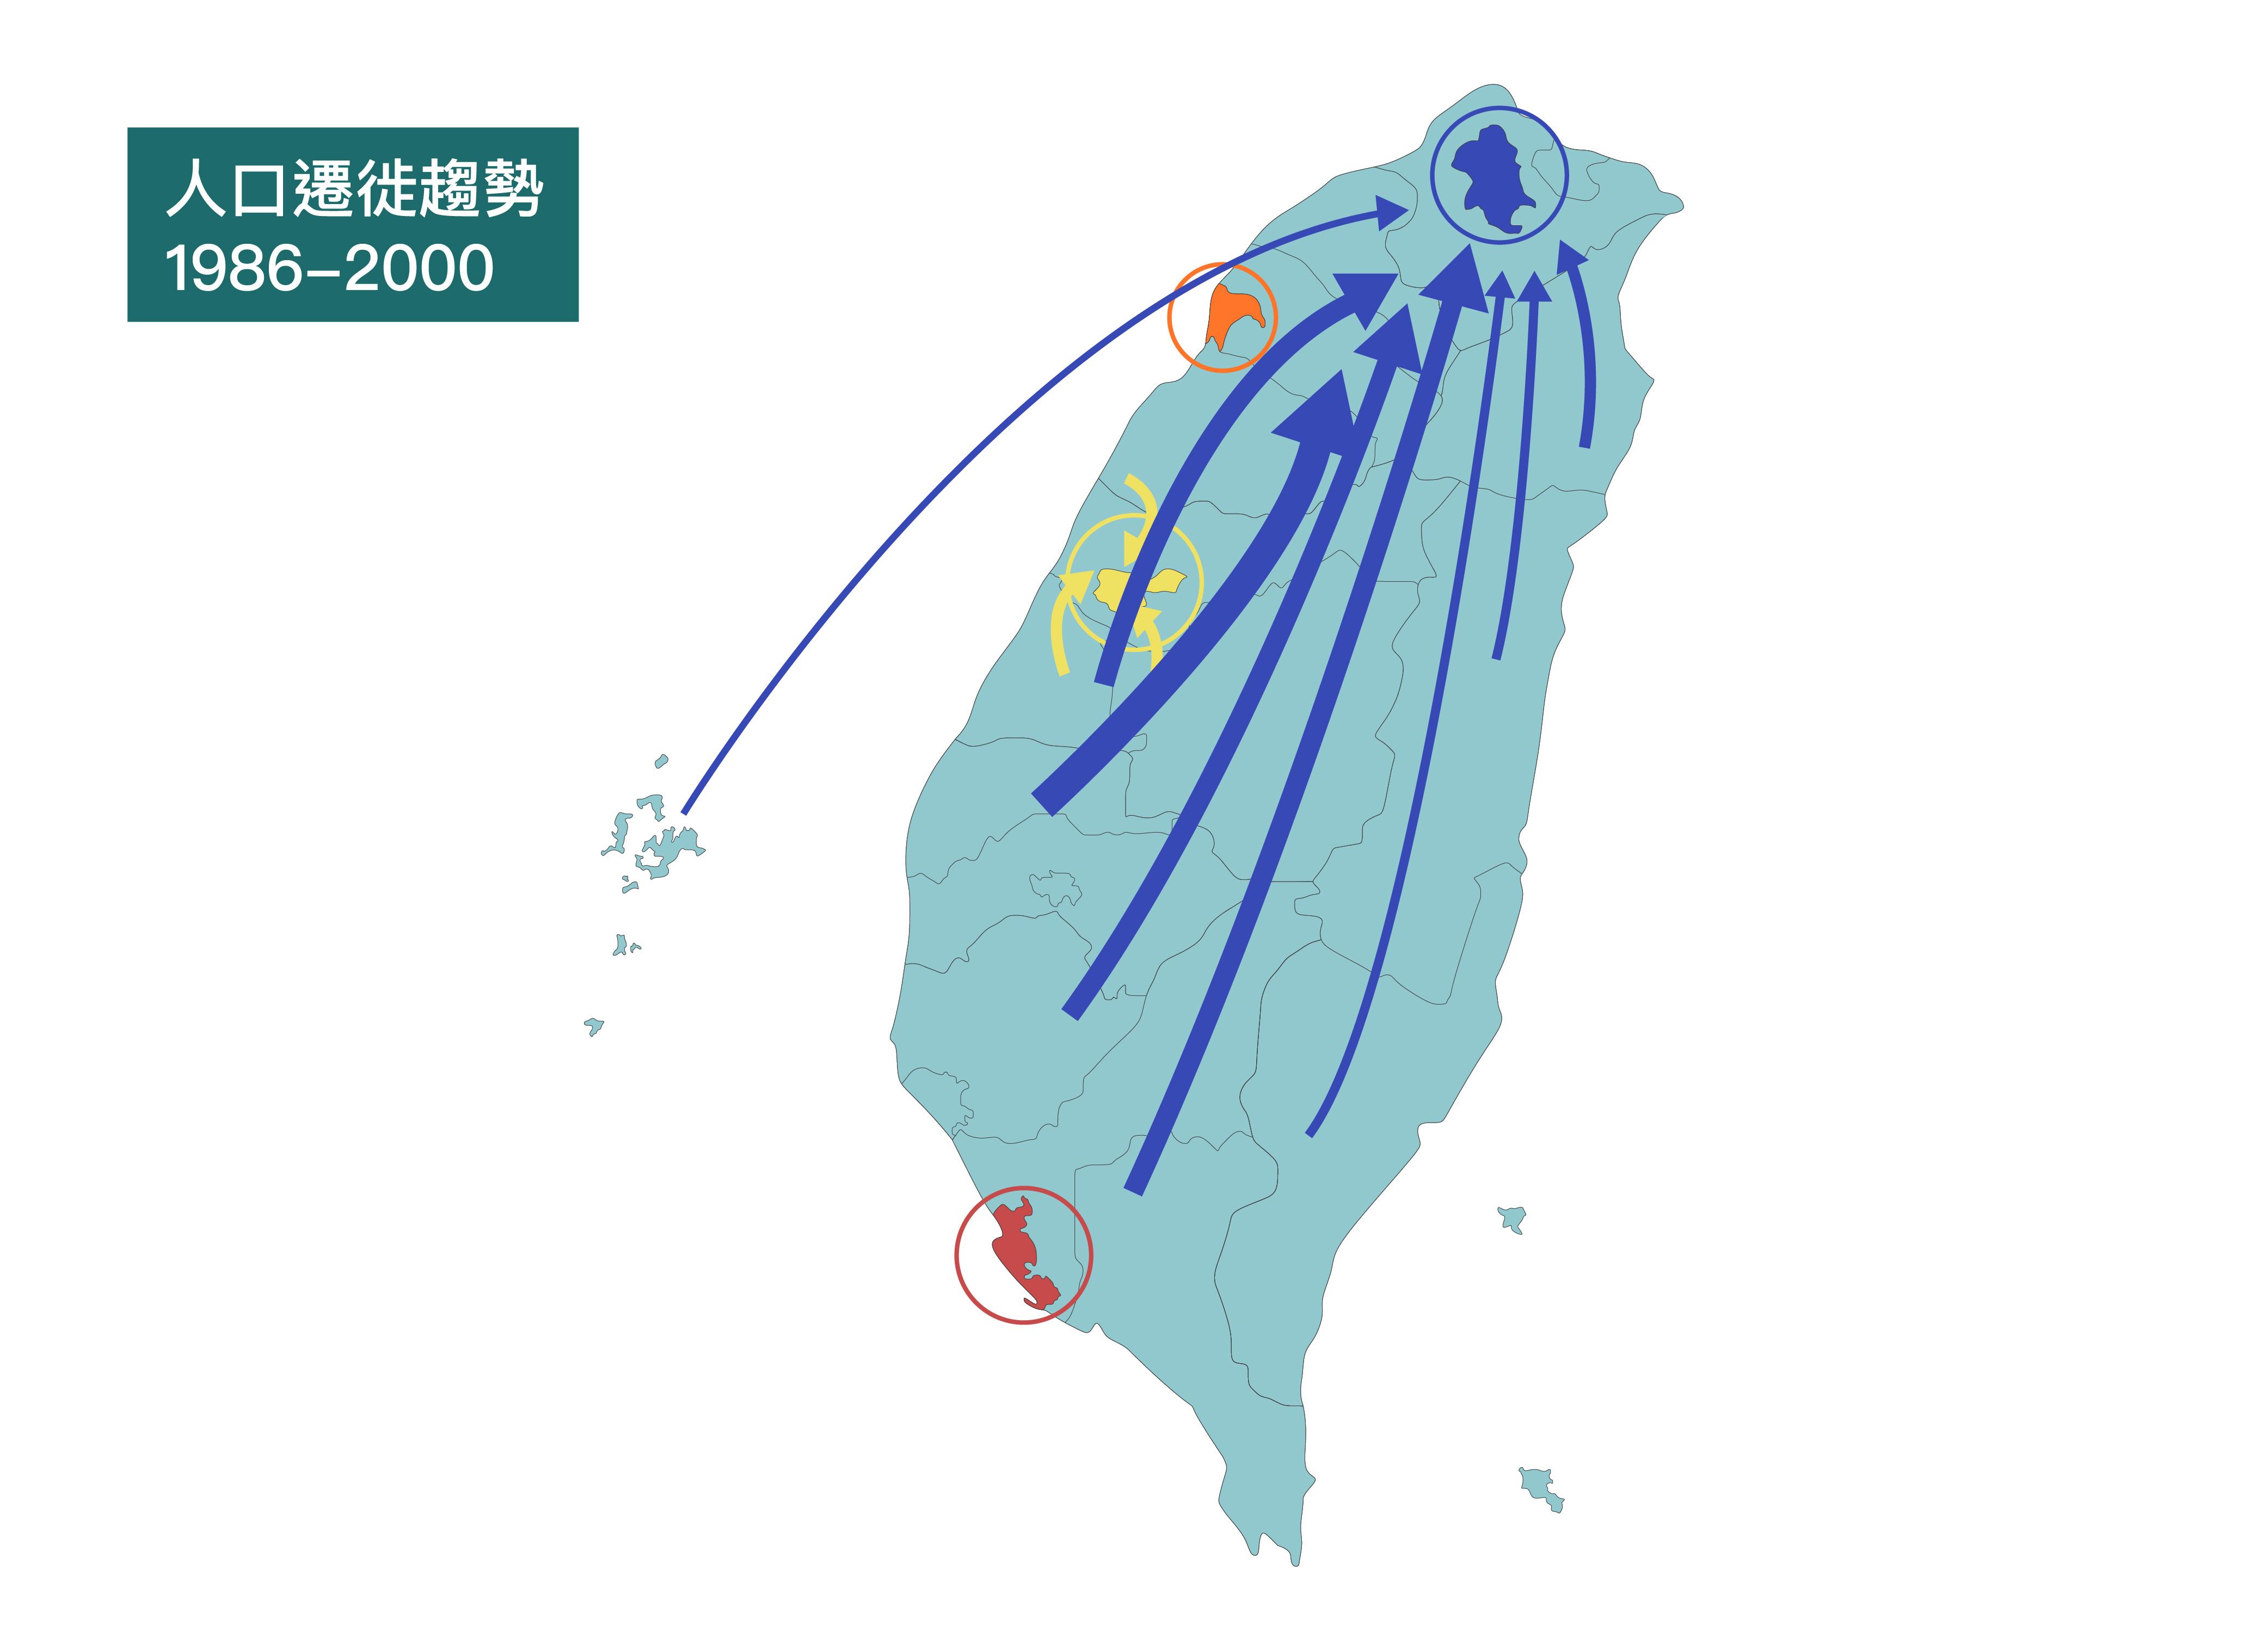 「人力運用擬-追蹤調查資料庫」分析結果顯示,1986-2000 年代,勞工們主要遷徙至臺北找工作,高雄自此勢微。 資料來源│林季平提供 圖說重製│張語辰